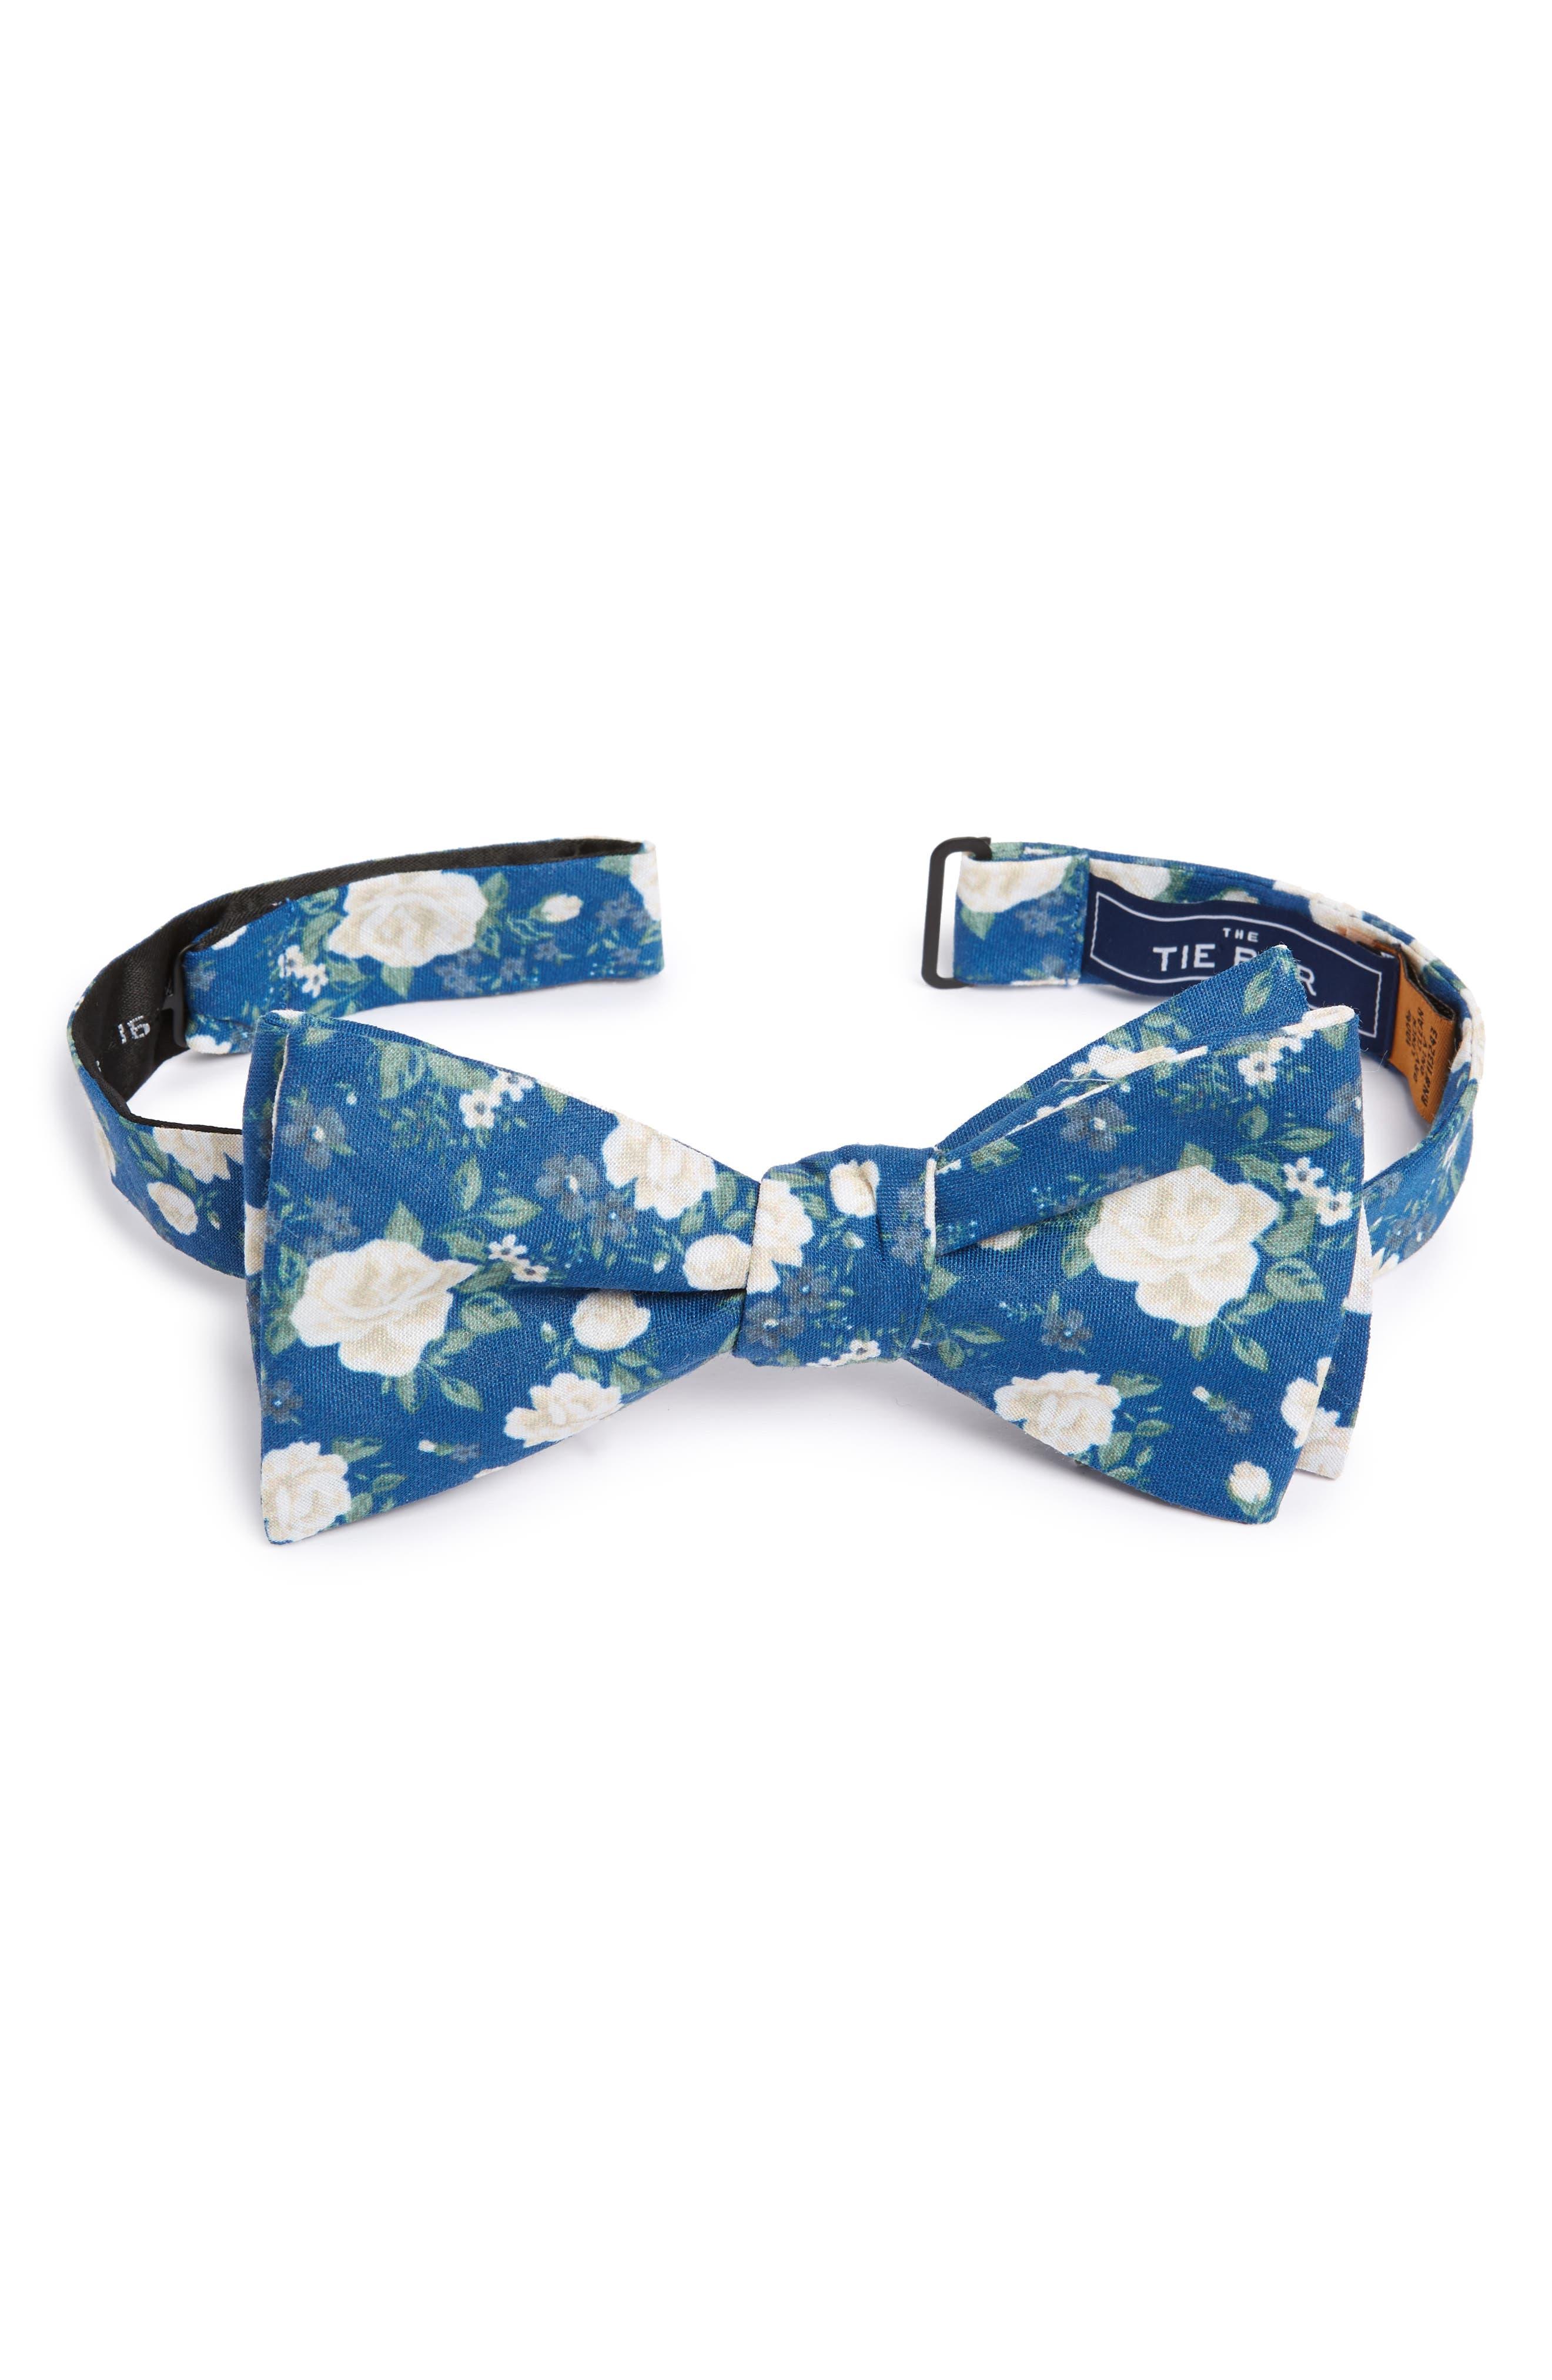 Hodgkiss Flowers Linen Bow Tie,                             Main thumbnail 1, color,                             ROYAL BLUE